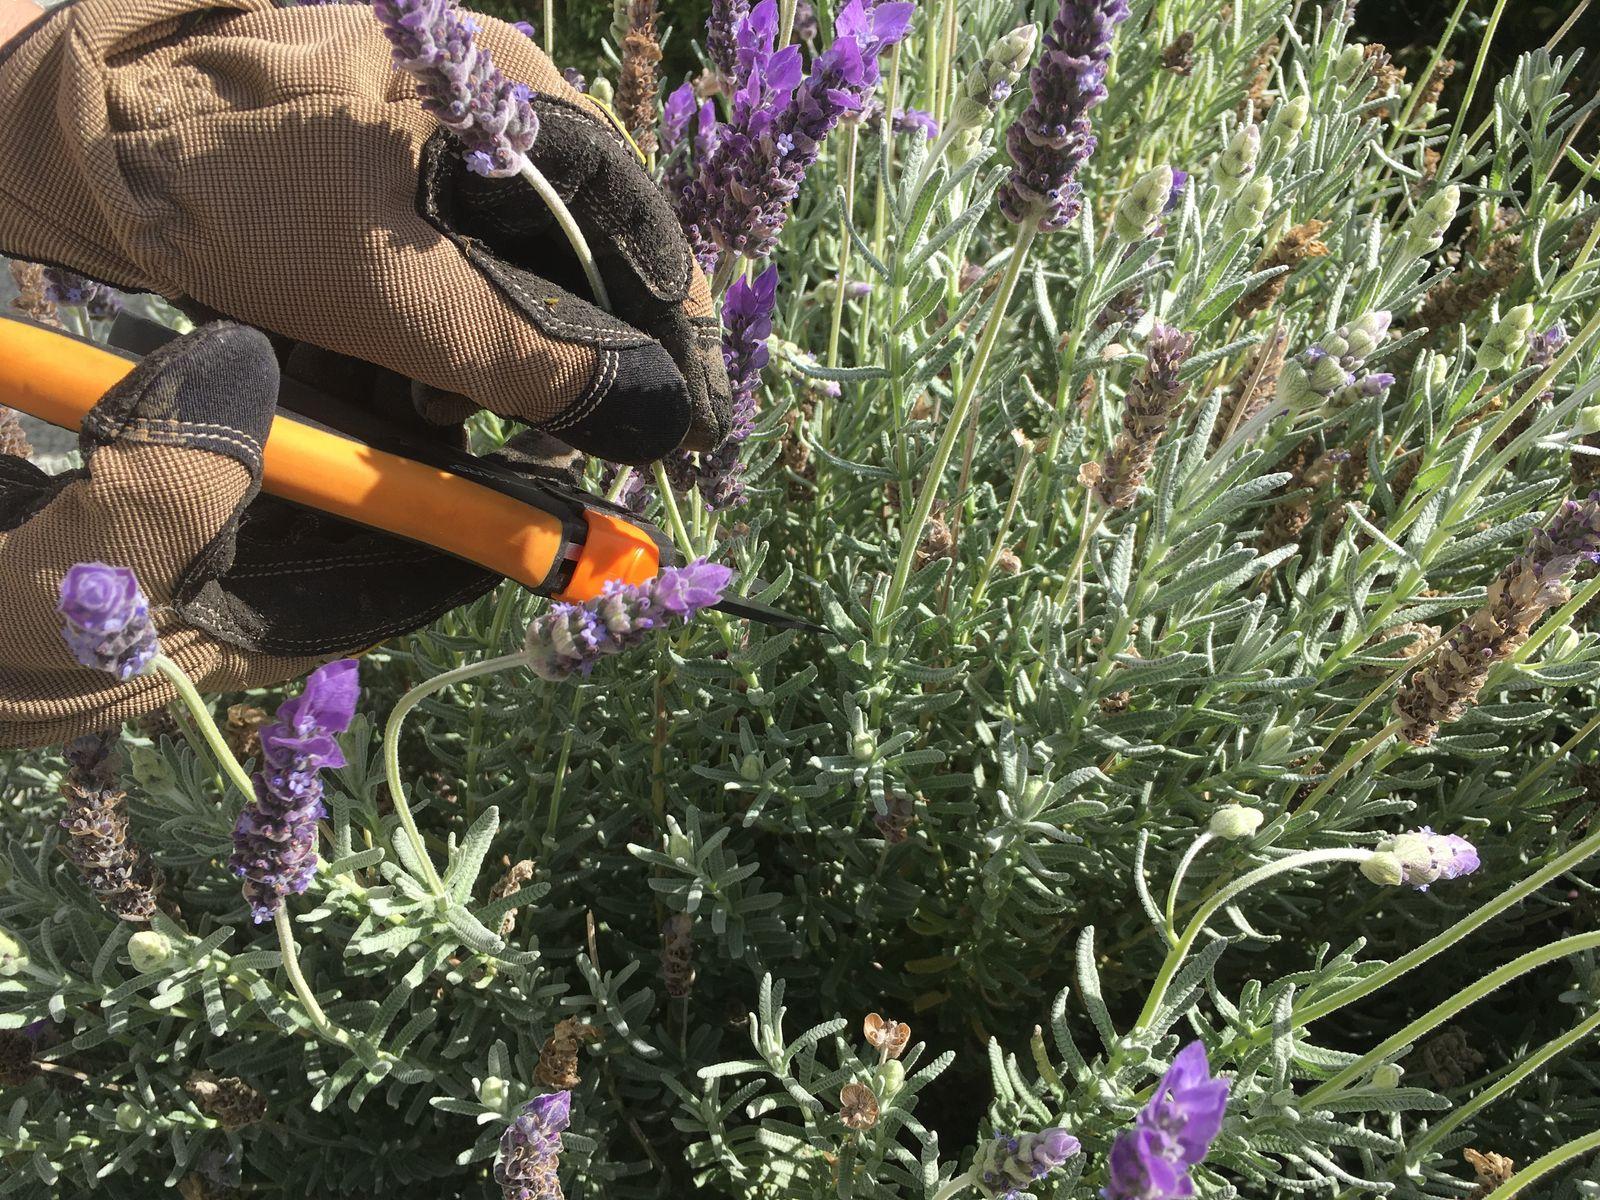 f6b3110039f4e8 Kranke Triebe des Lavendels sollten früh genug entfernt werden  Foto   Lafras  Shutterstock.com